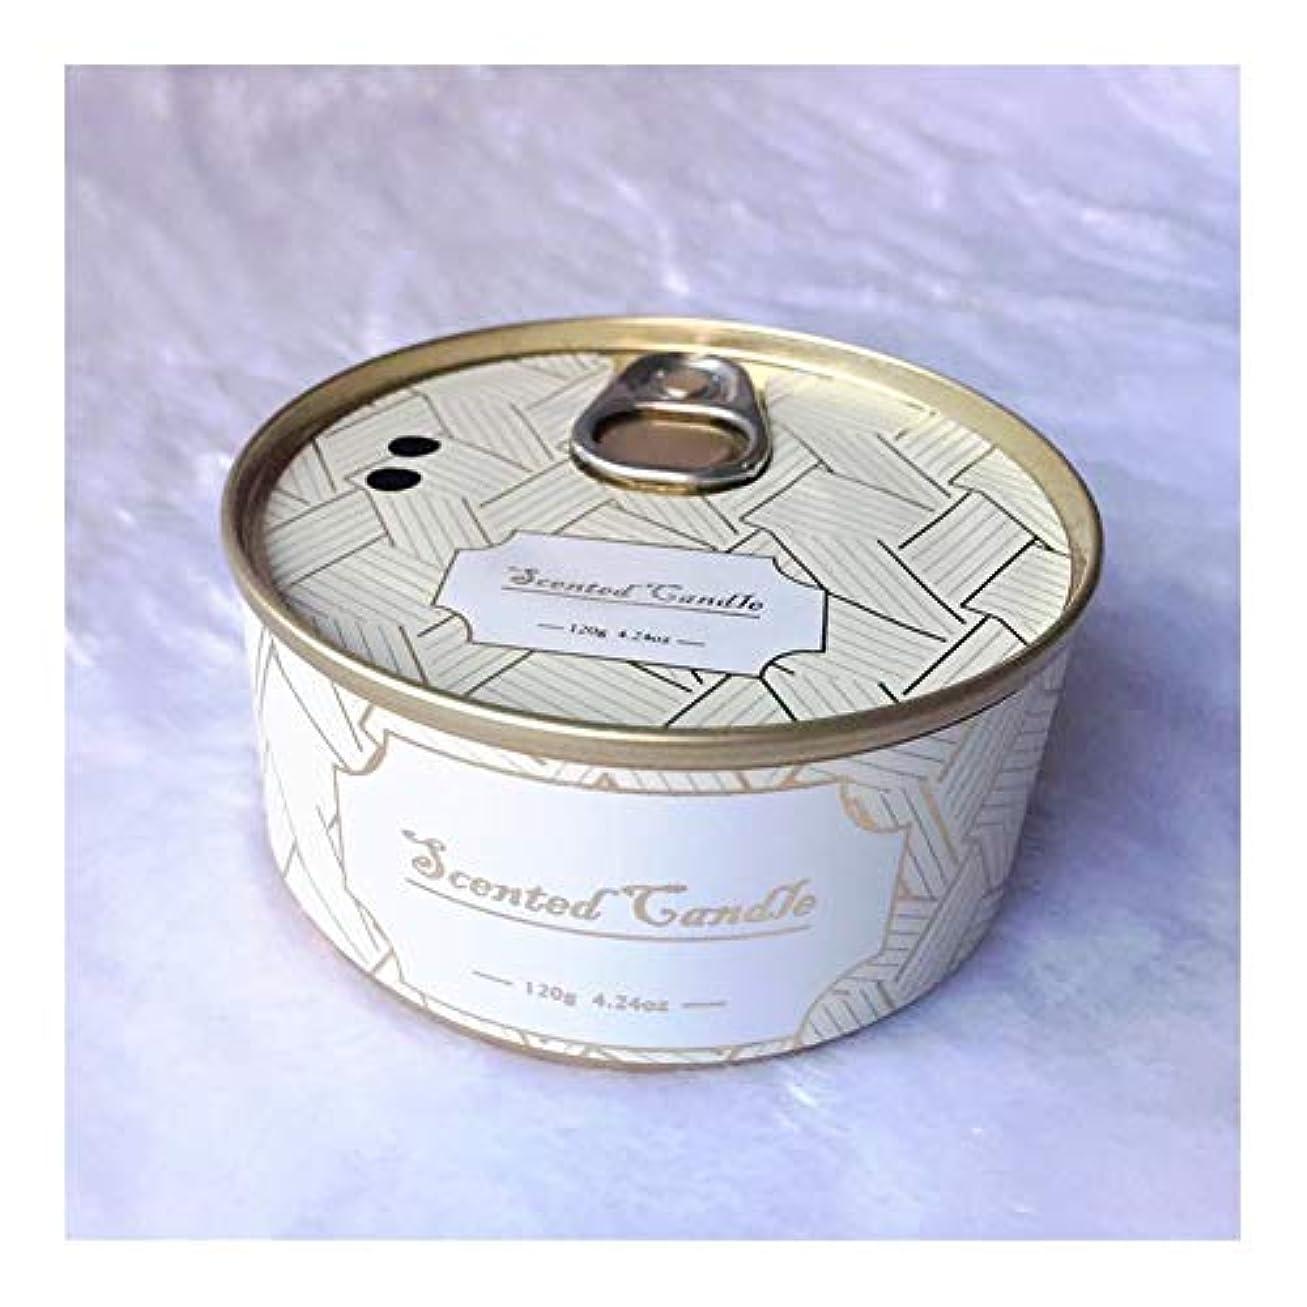 フォローオンス睡眠Ztian ブリキ缶植物エッセンシャルオイル大豆ワックスジュニパーラベンダーの香りのキャンドル (色 : Lavender)